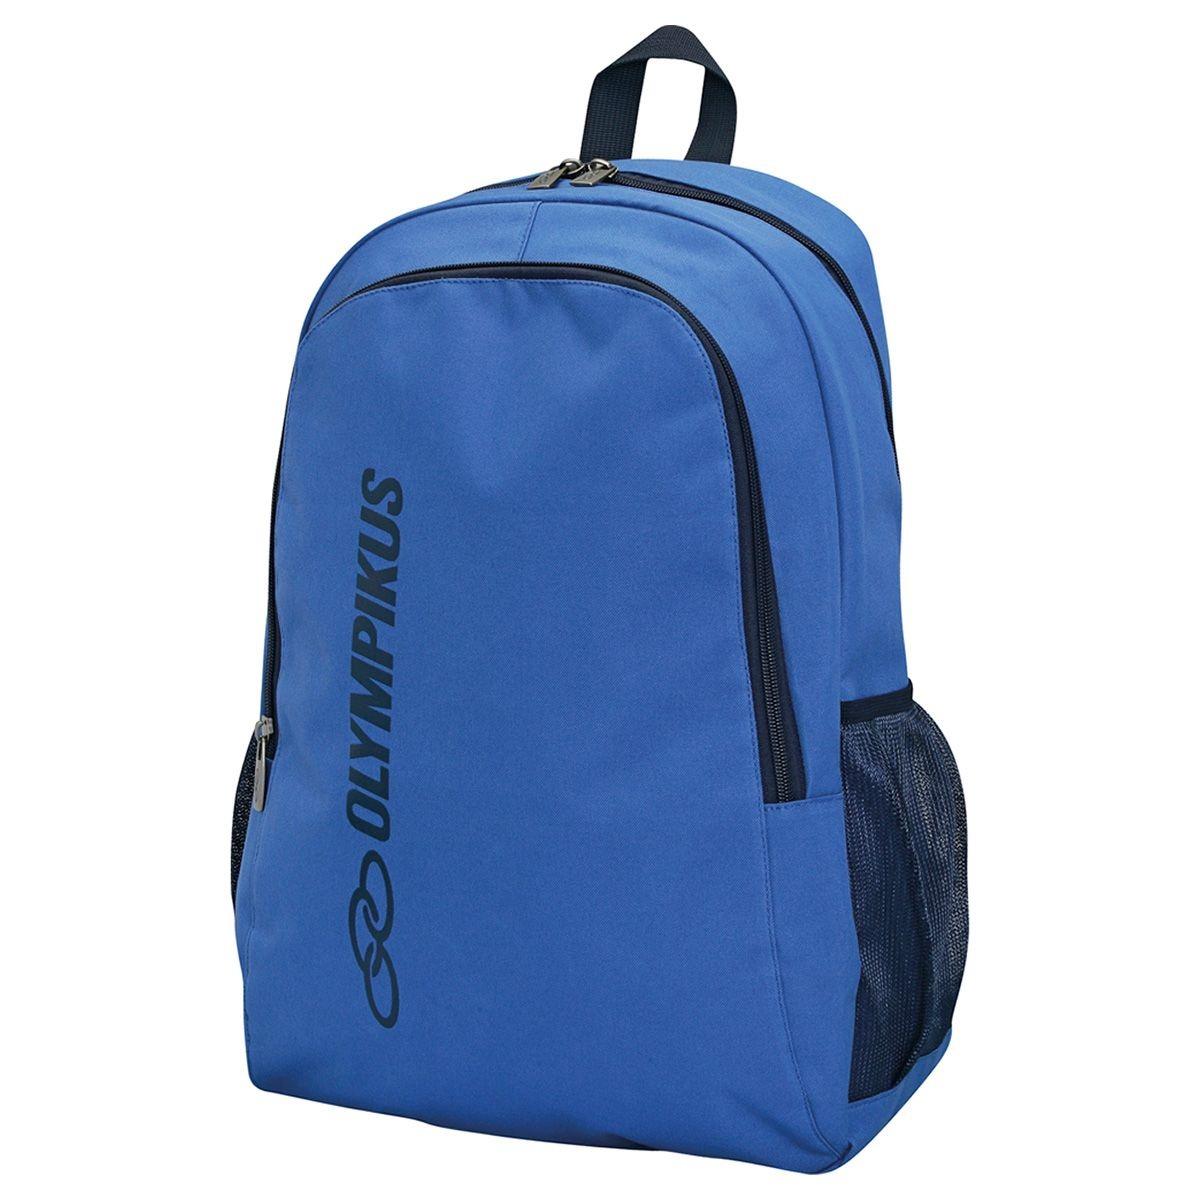 839119cd4 mochila olympikus essential produto original - 61803 azul. Carregando zoom.